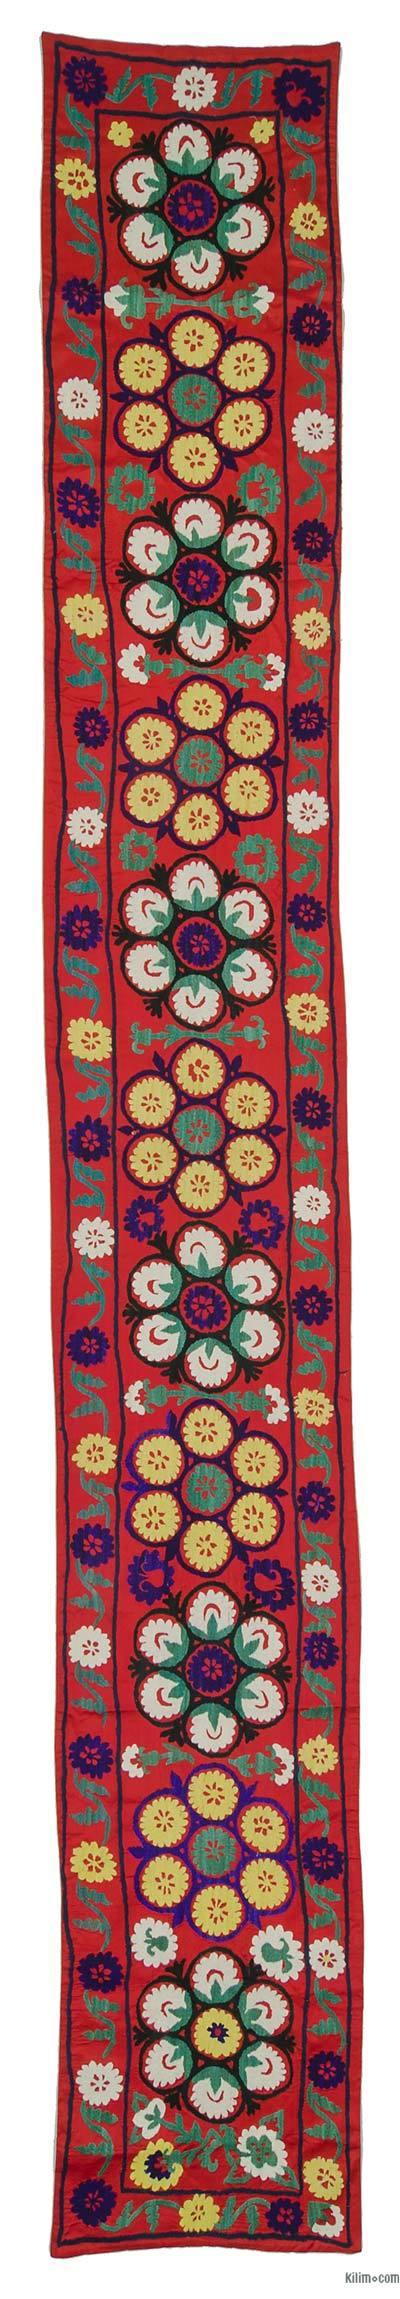 Uzbeko Vintage Suzani - 58 cm x 416 cm